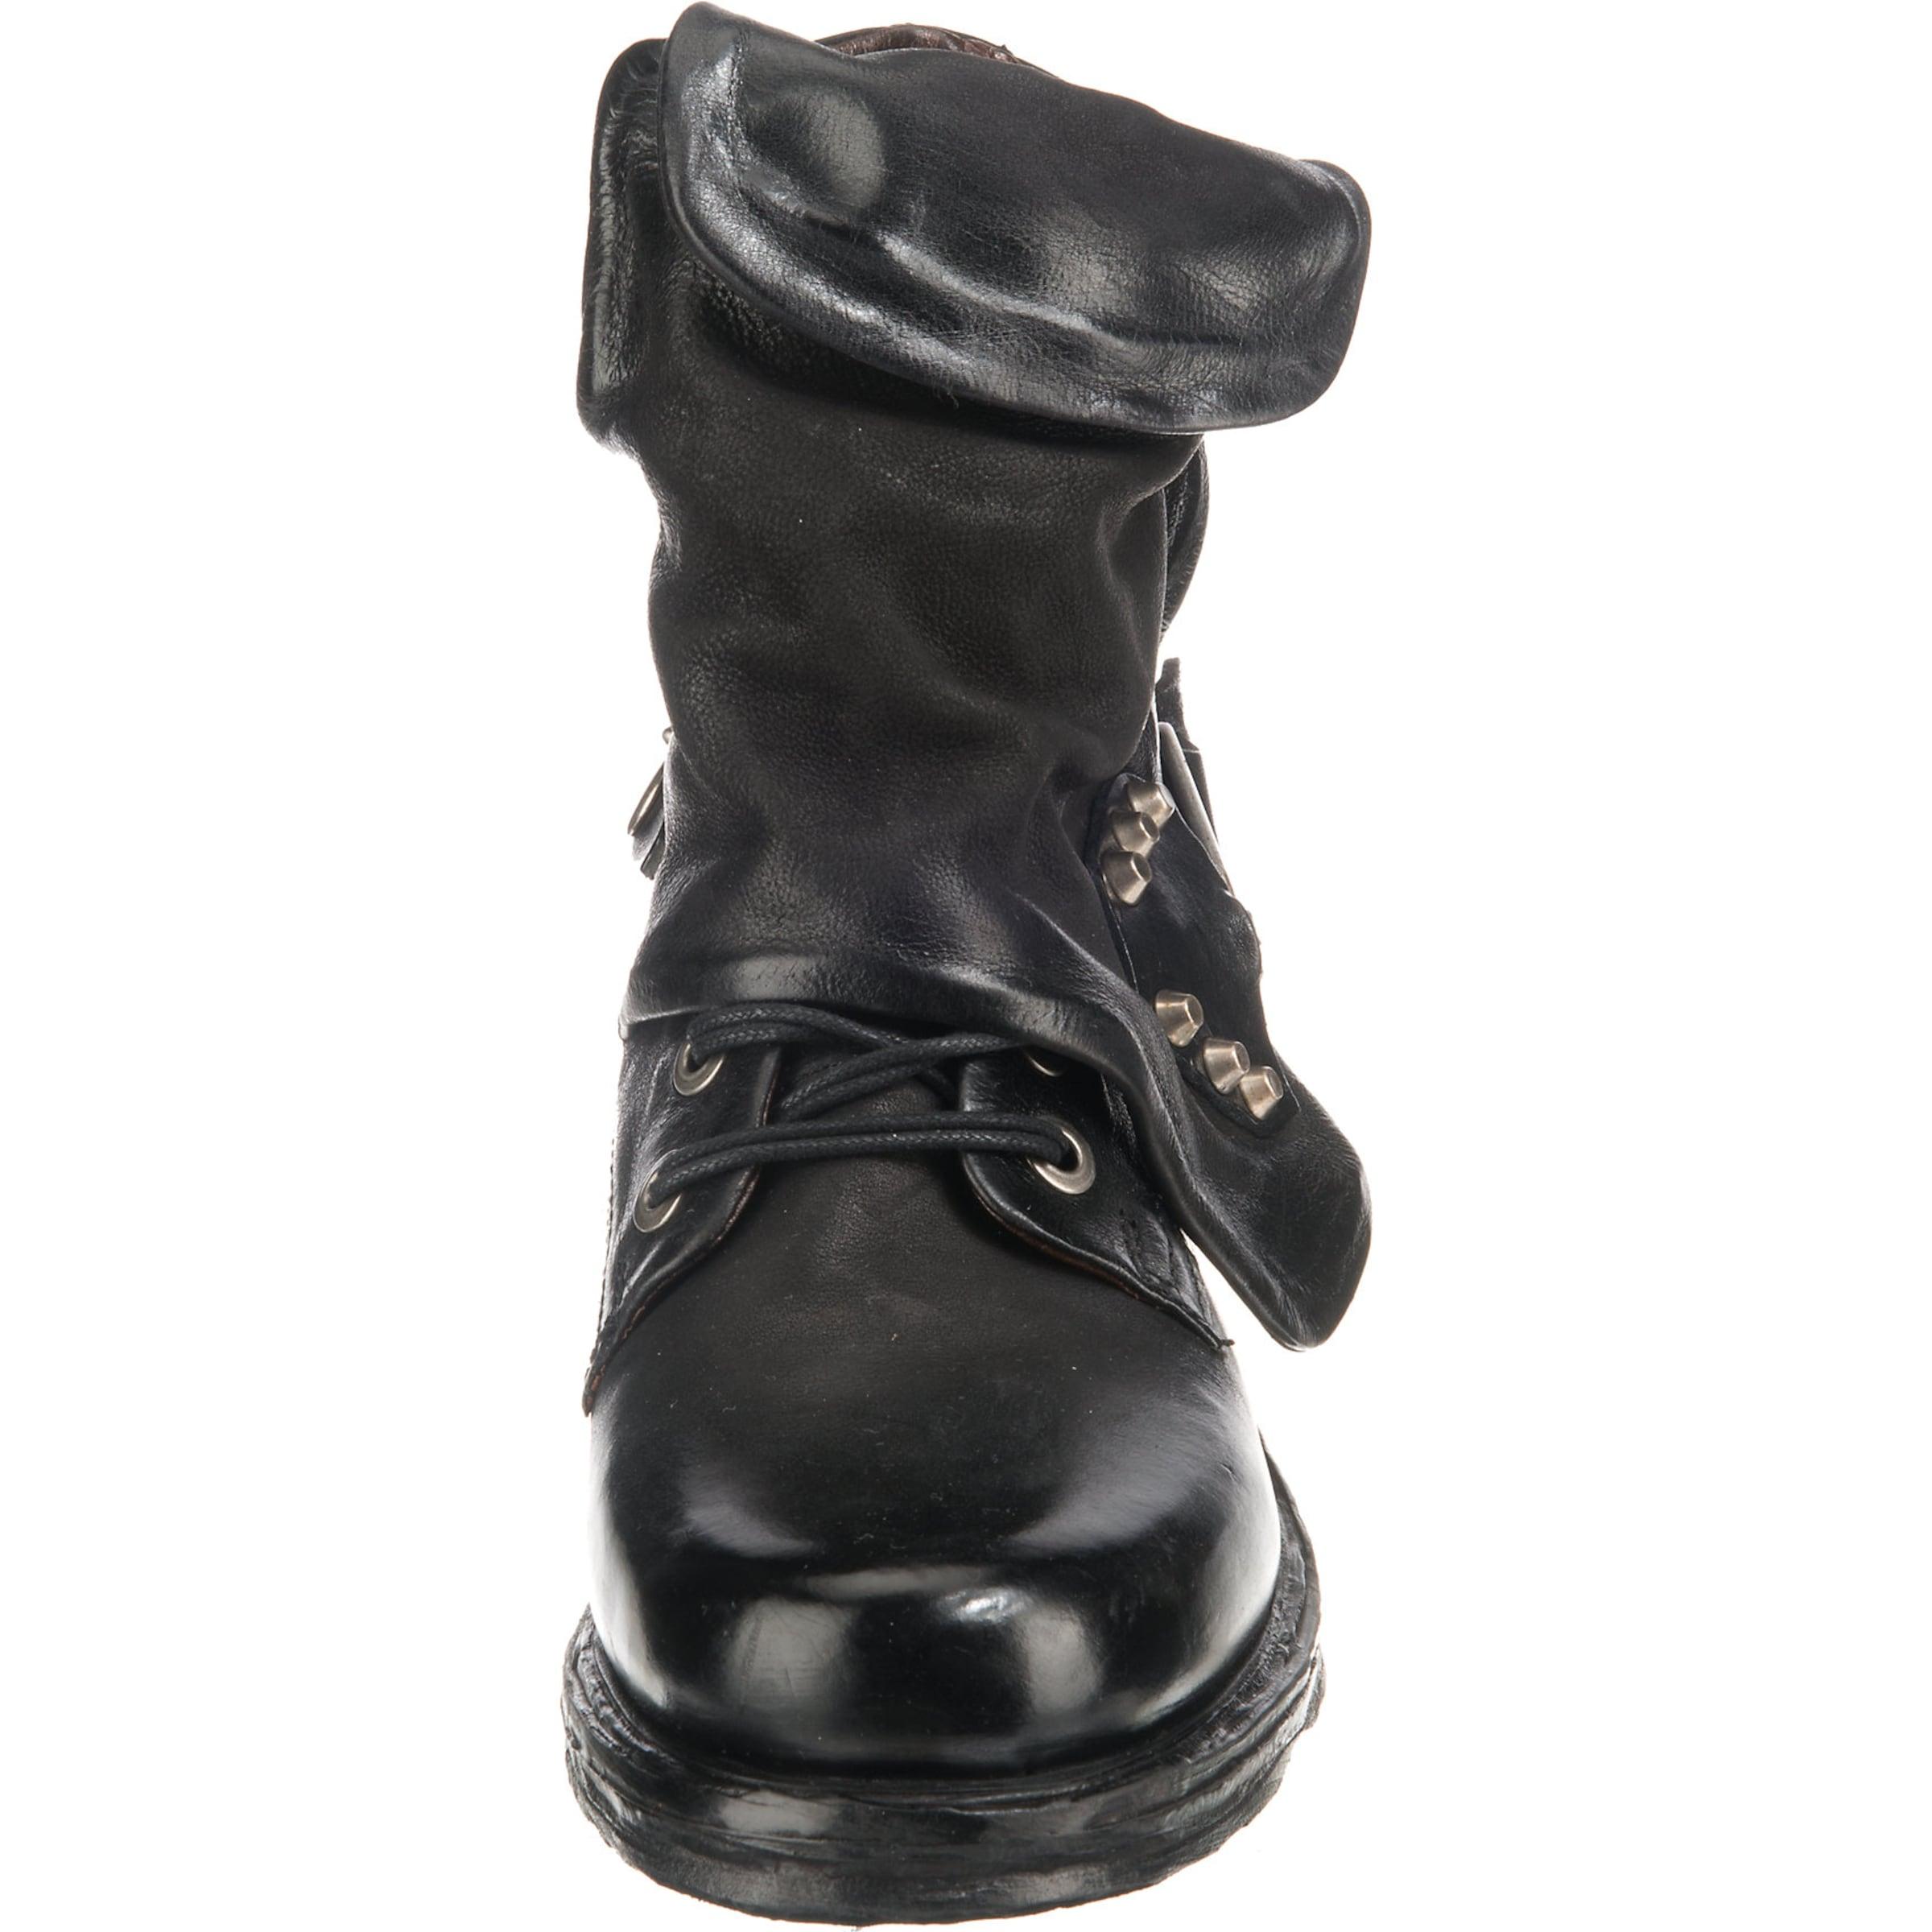 A s 98 En Boots Noir nwN0O8vm